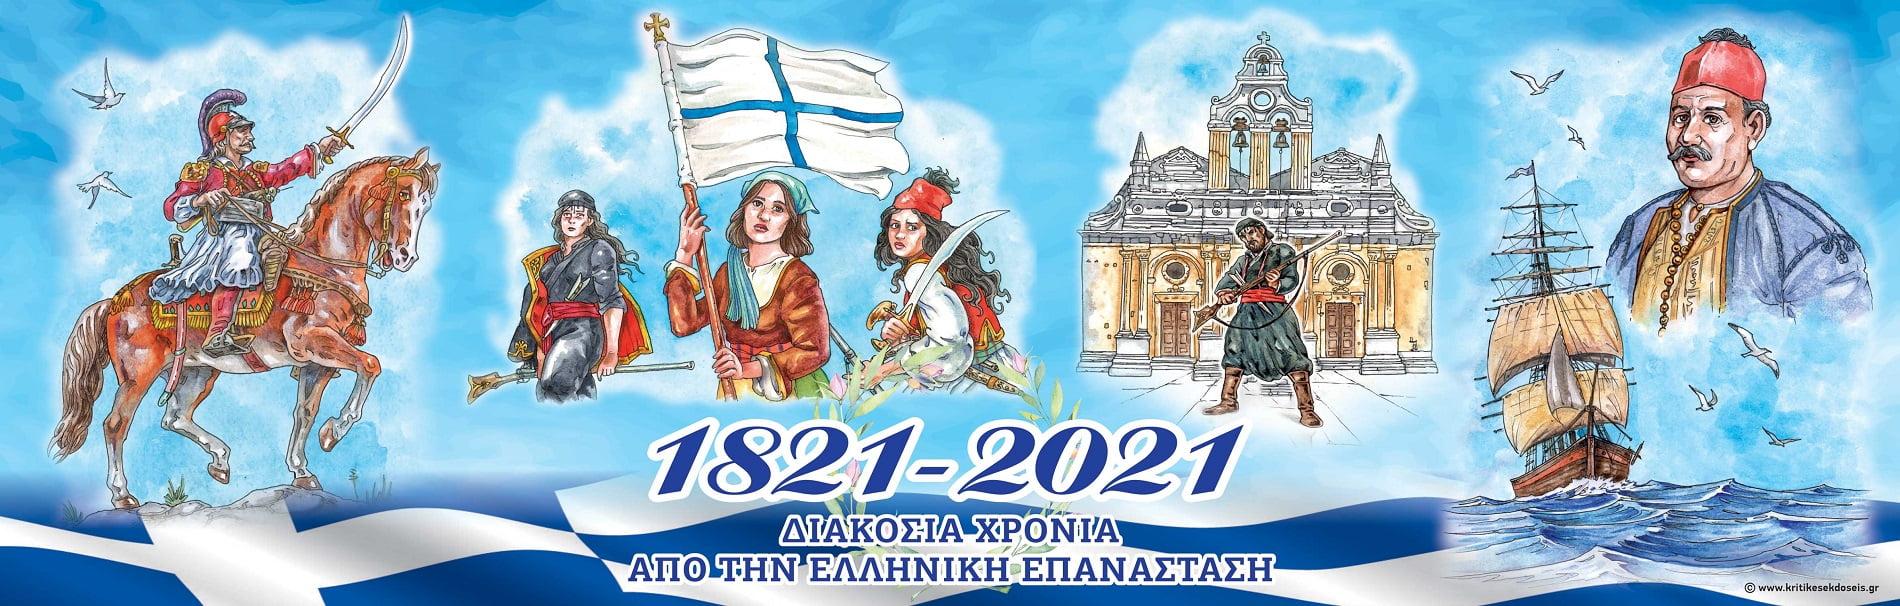 Ξαναγράφοντας την ιστορία όχι με σπορά νικητών, αλλά ηττημένων Ελλήνων…